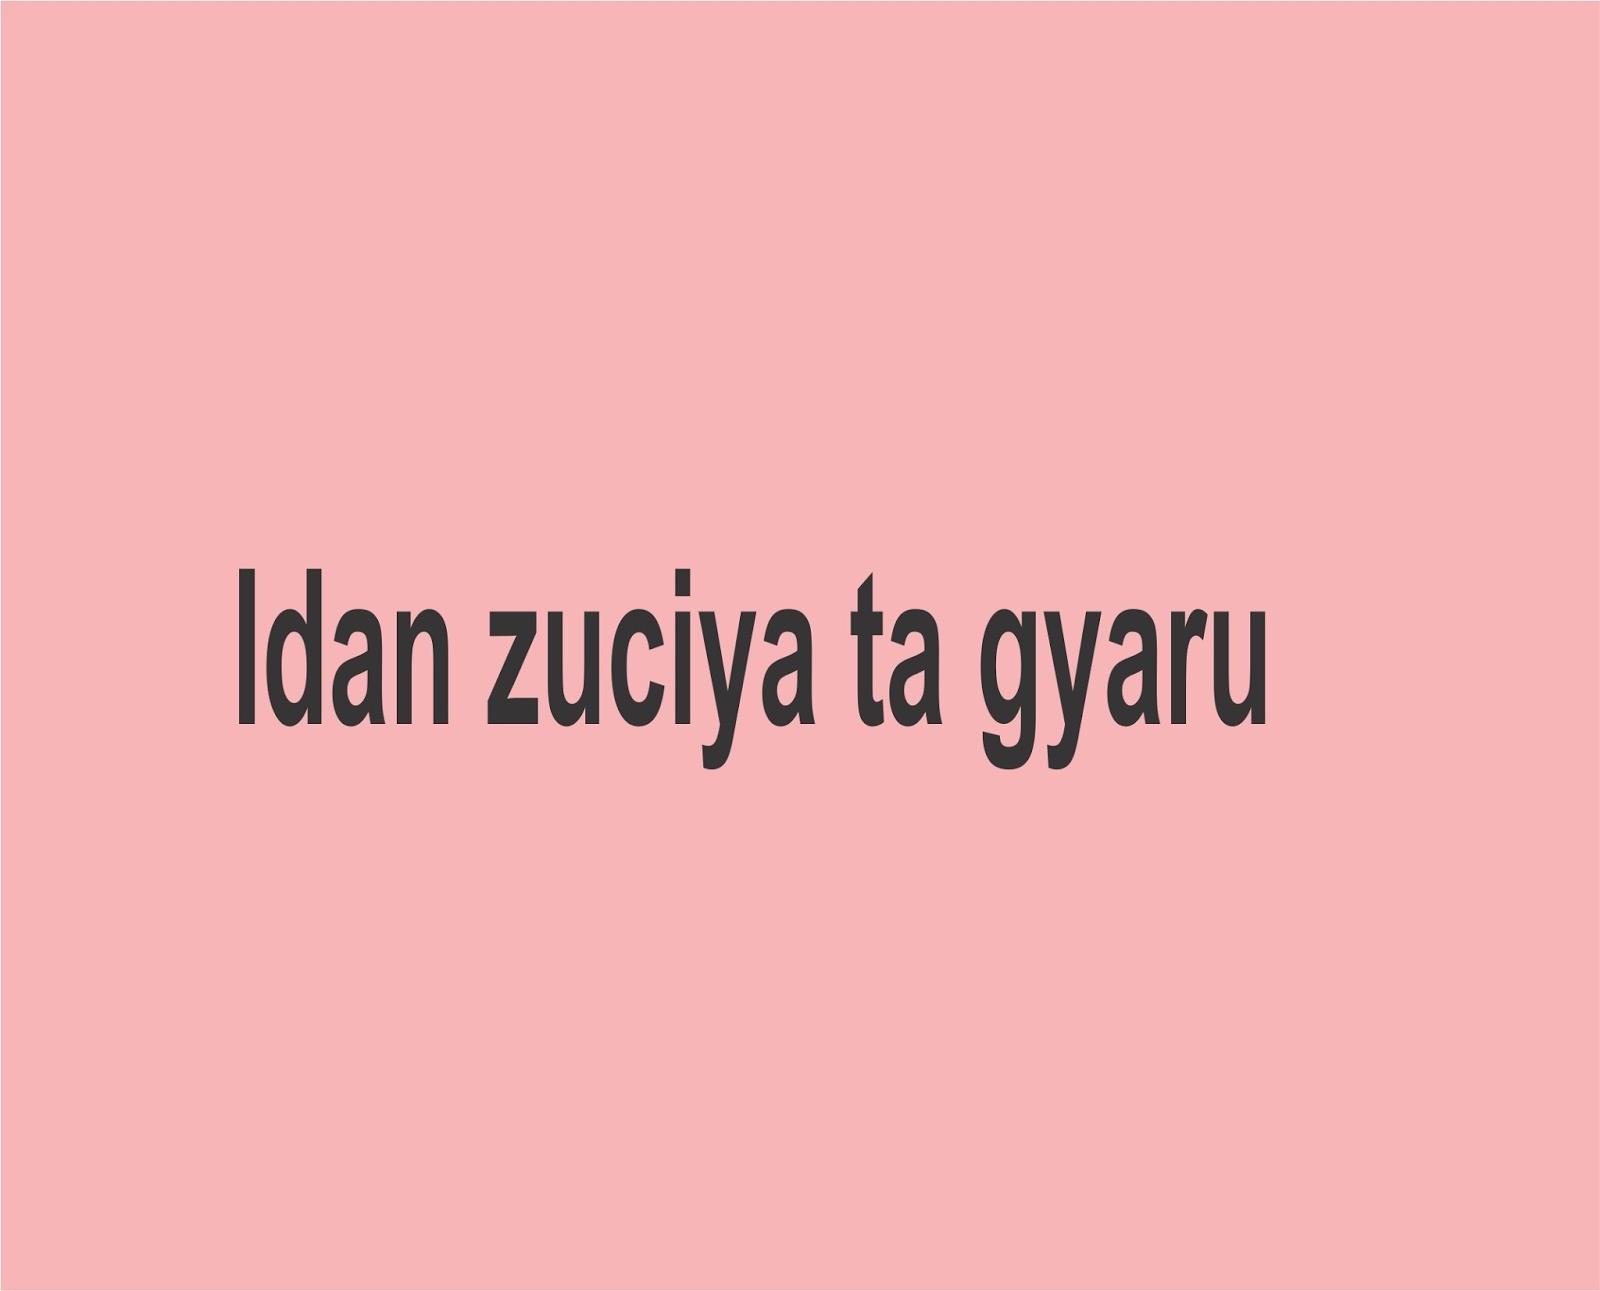 Idan zuciya ta gyaru - Gidan Novels | Hausa Novels